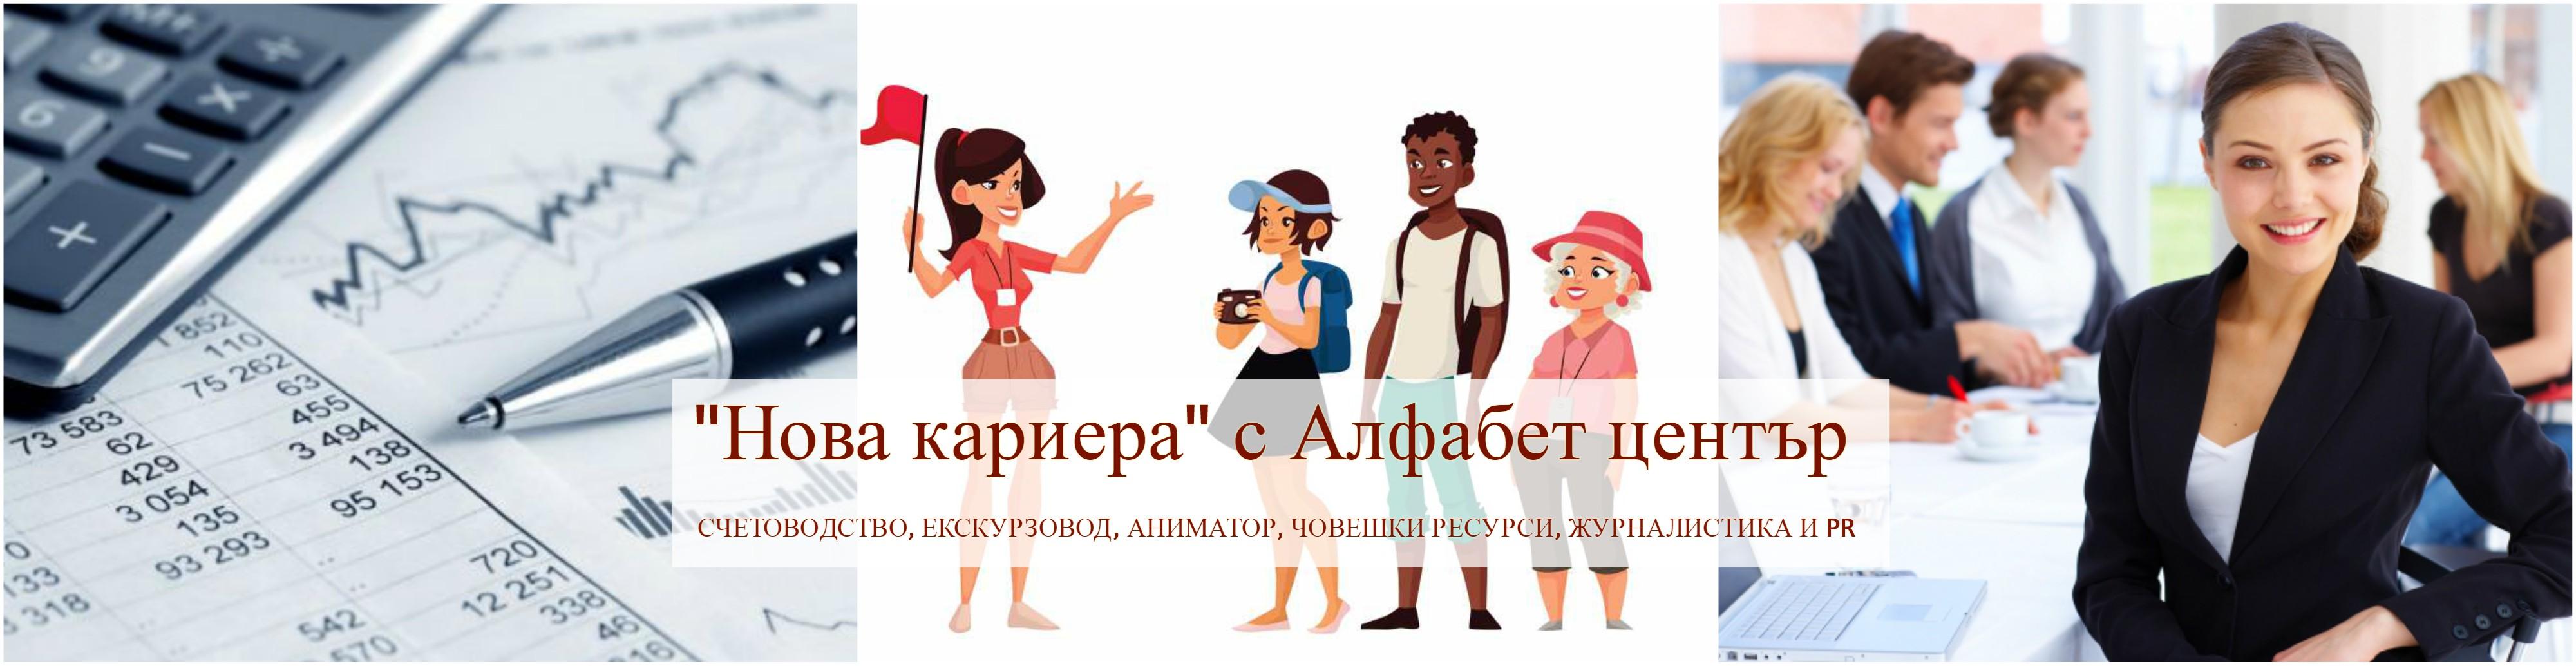 -обучения-в-Пловдив